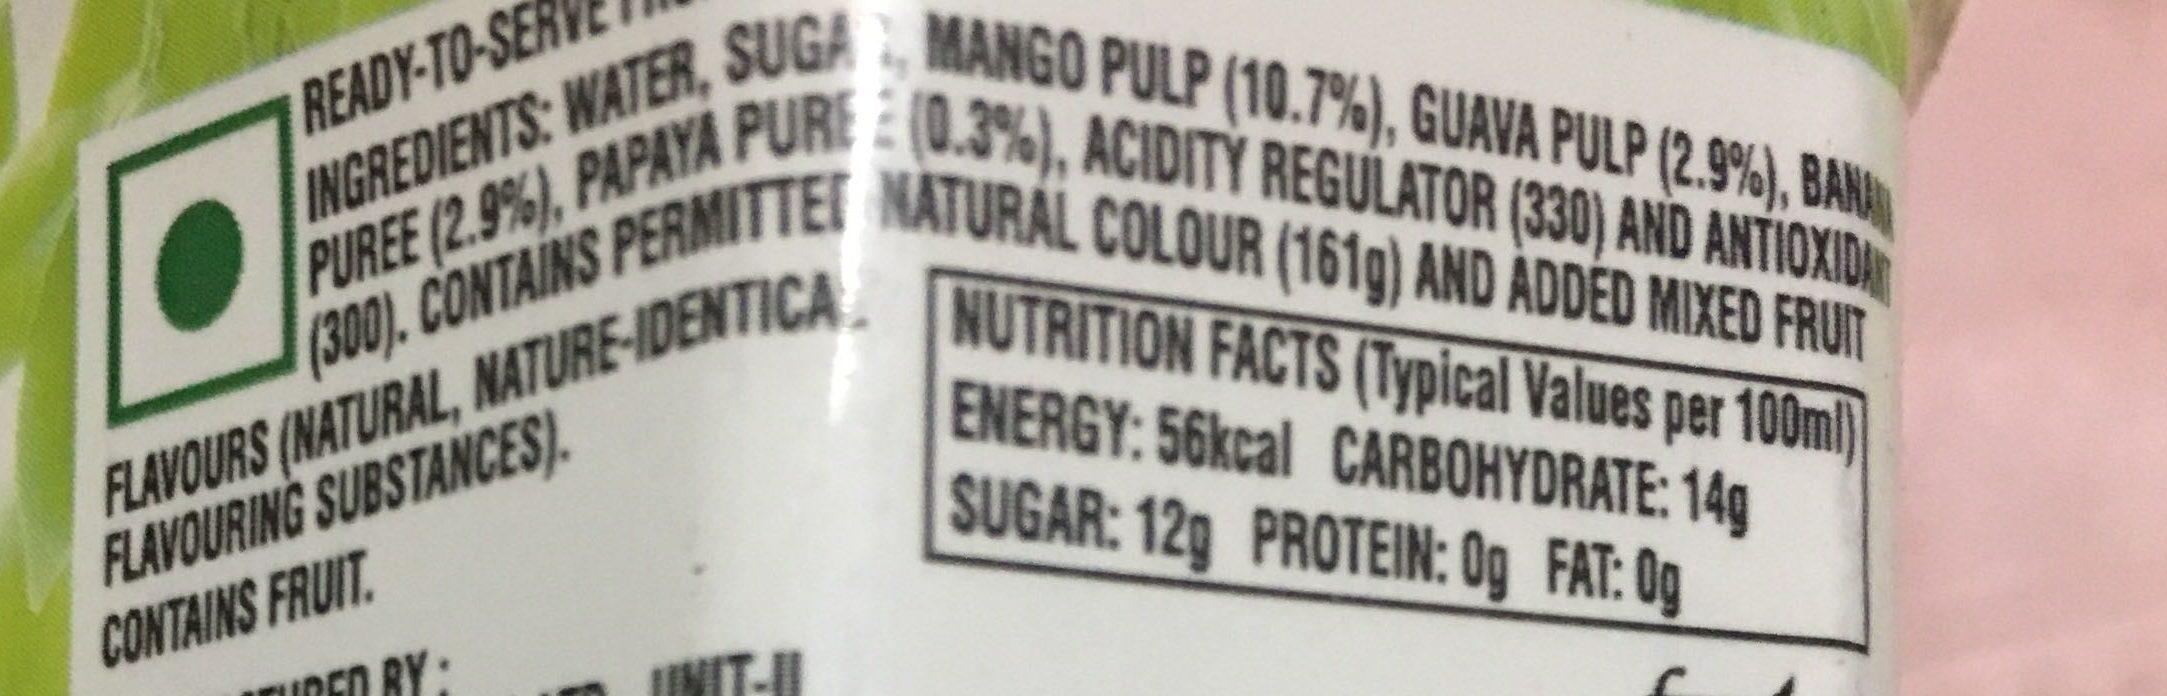 Mixed Fruit - Ingredienti - en